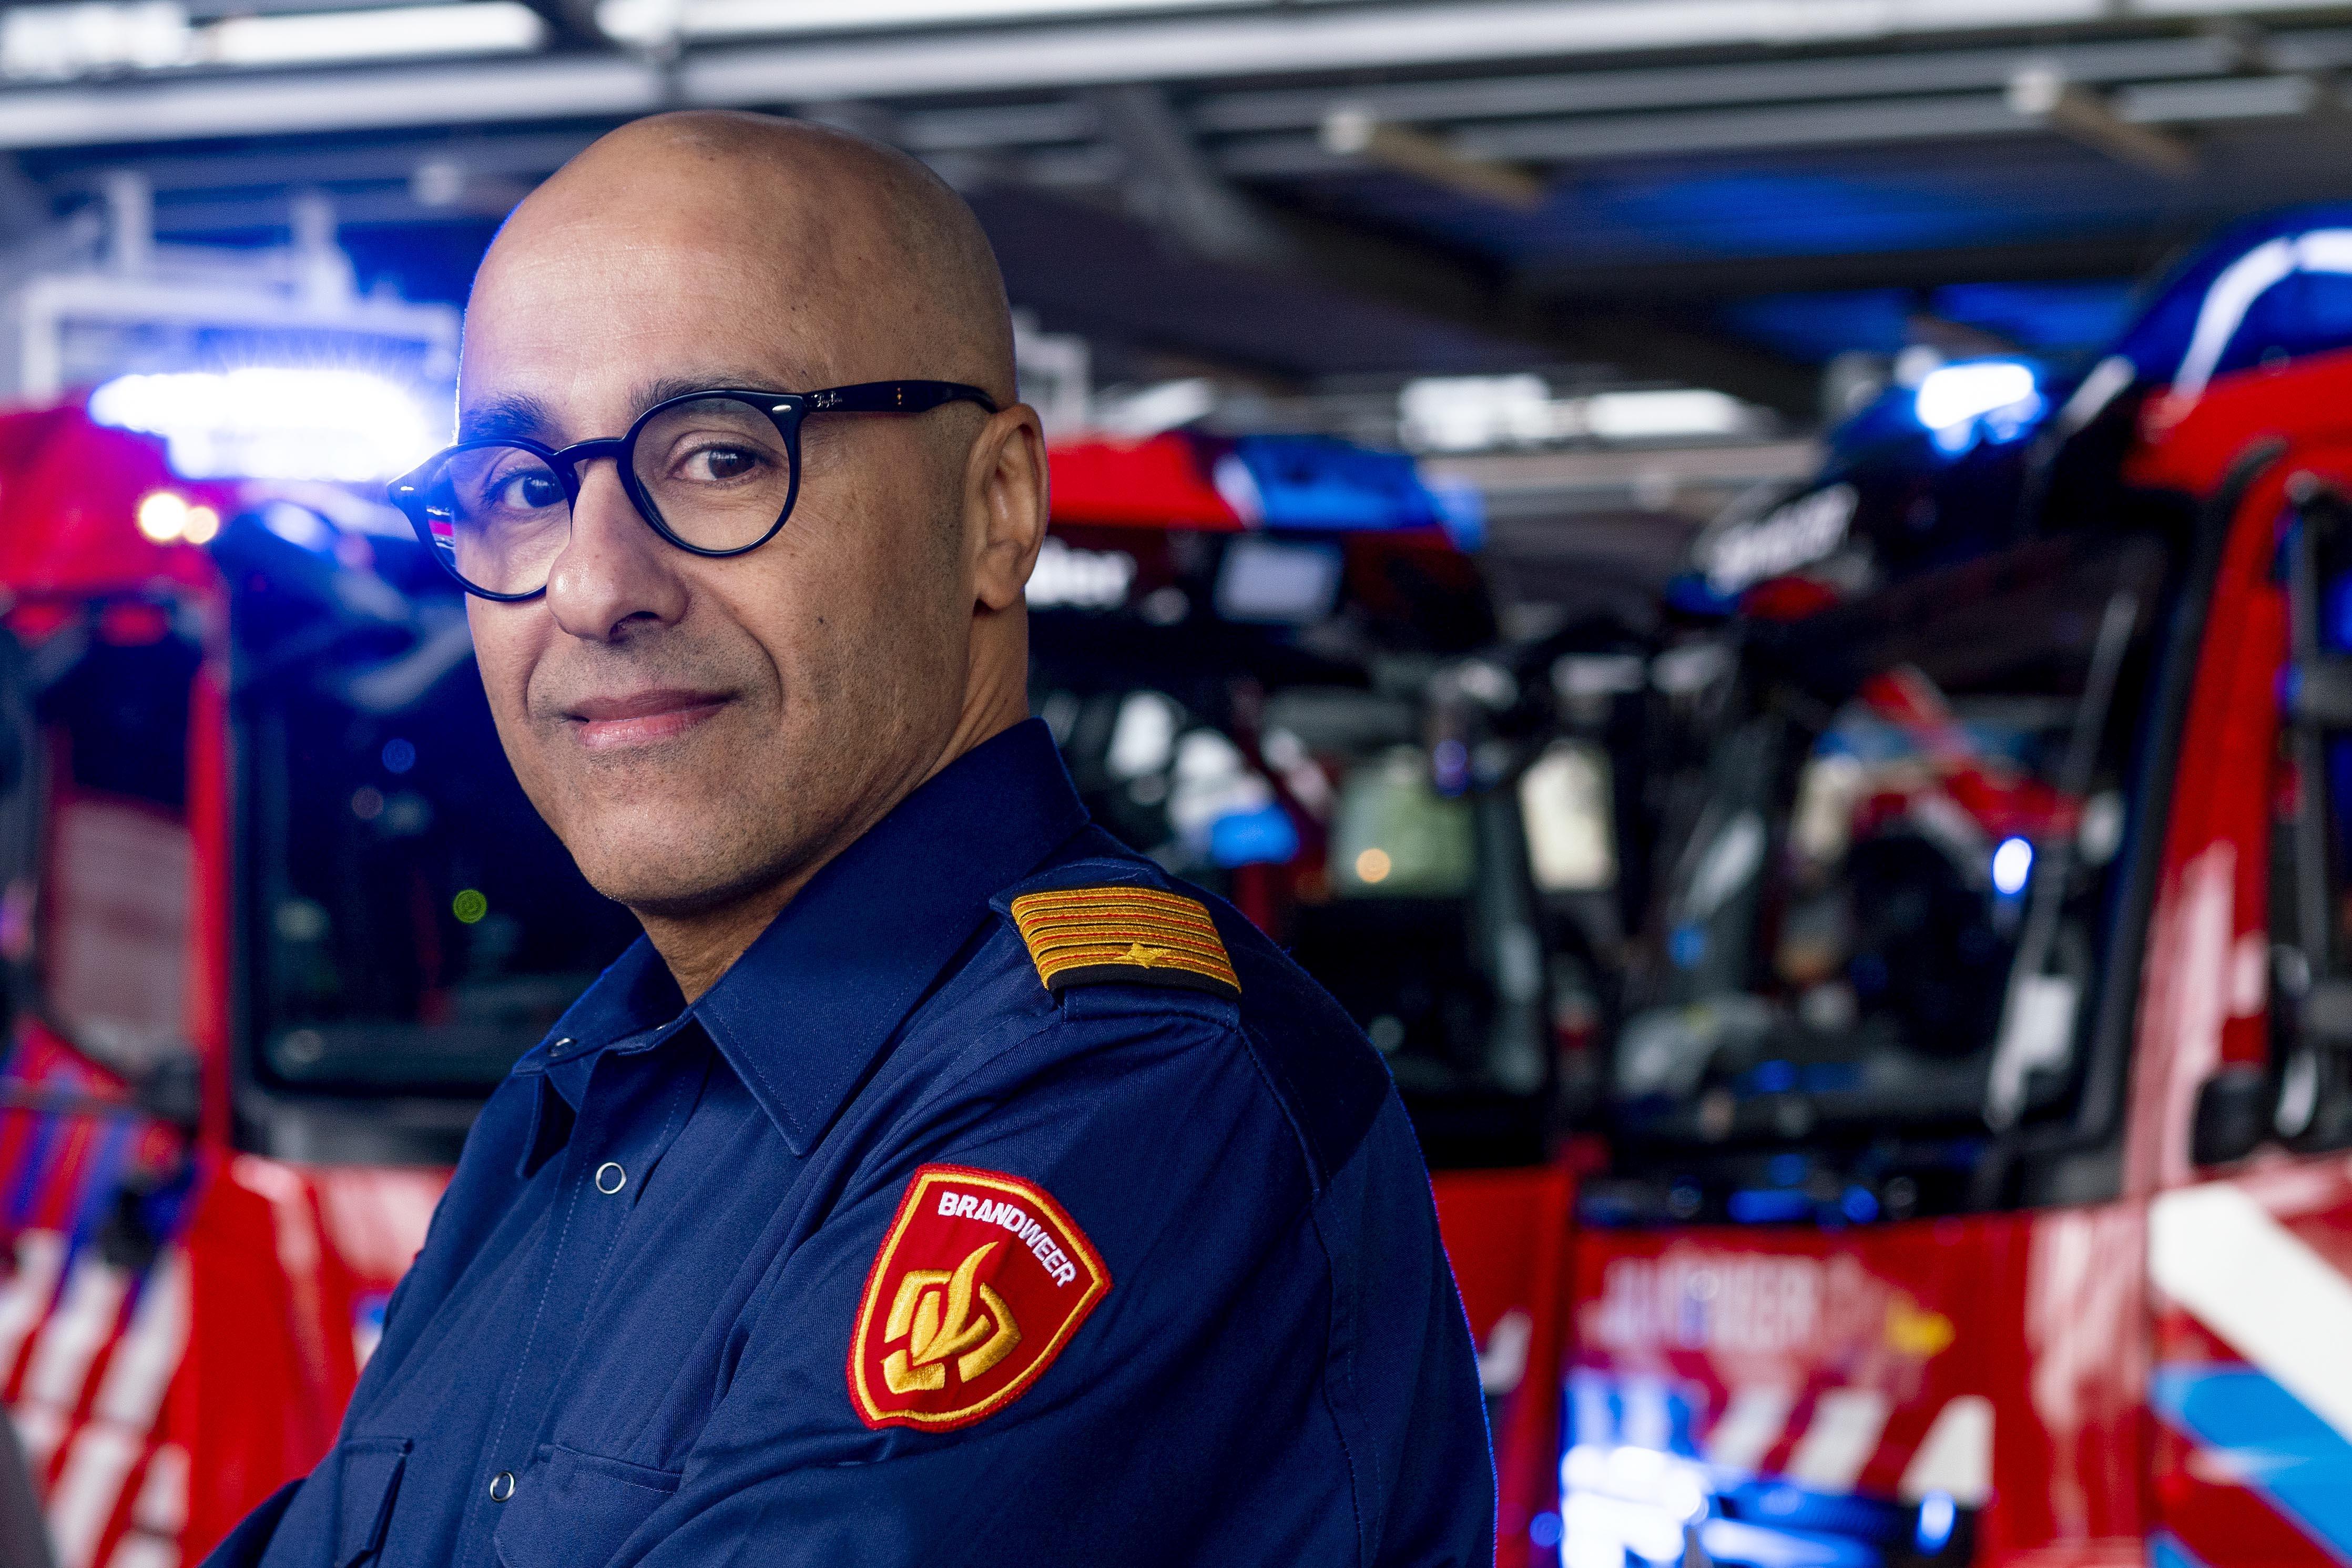 Mostapha Nazih klom op van afwasser tot brandweercommandant van de Noordkop: 'Elke kazerne is een dorp op zich'